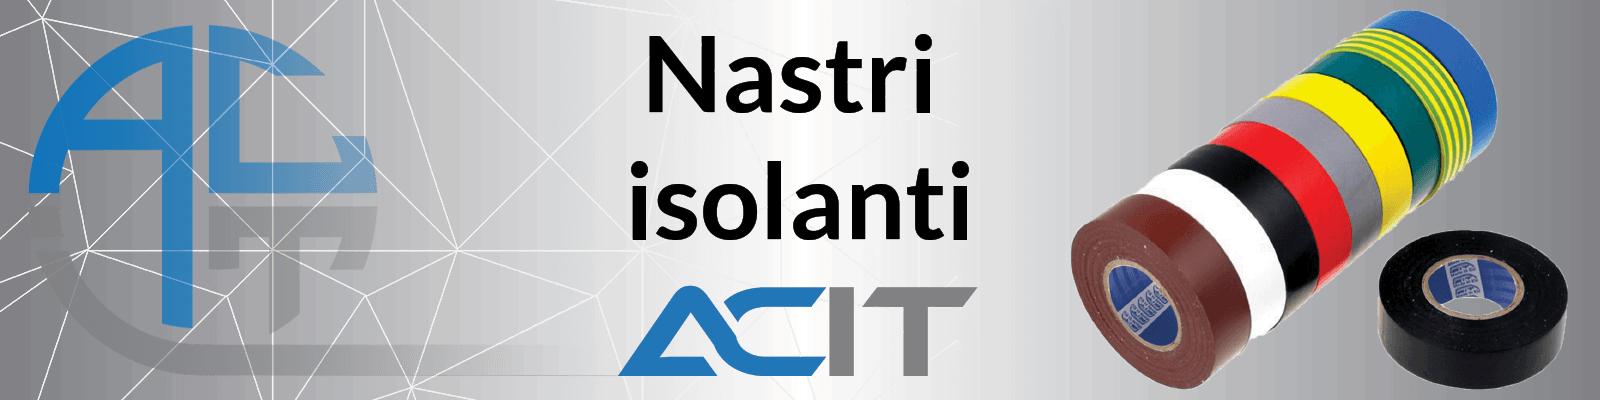 Nastri isolanti ACIT